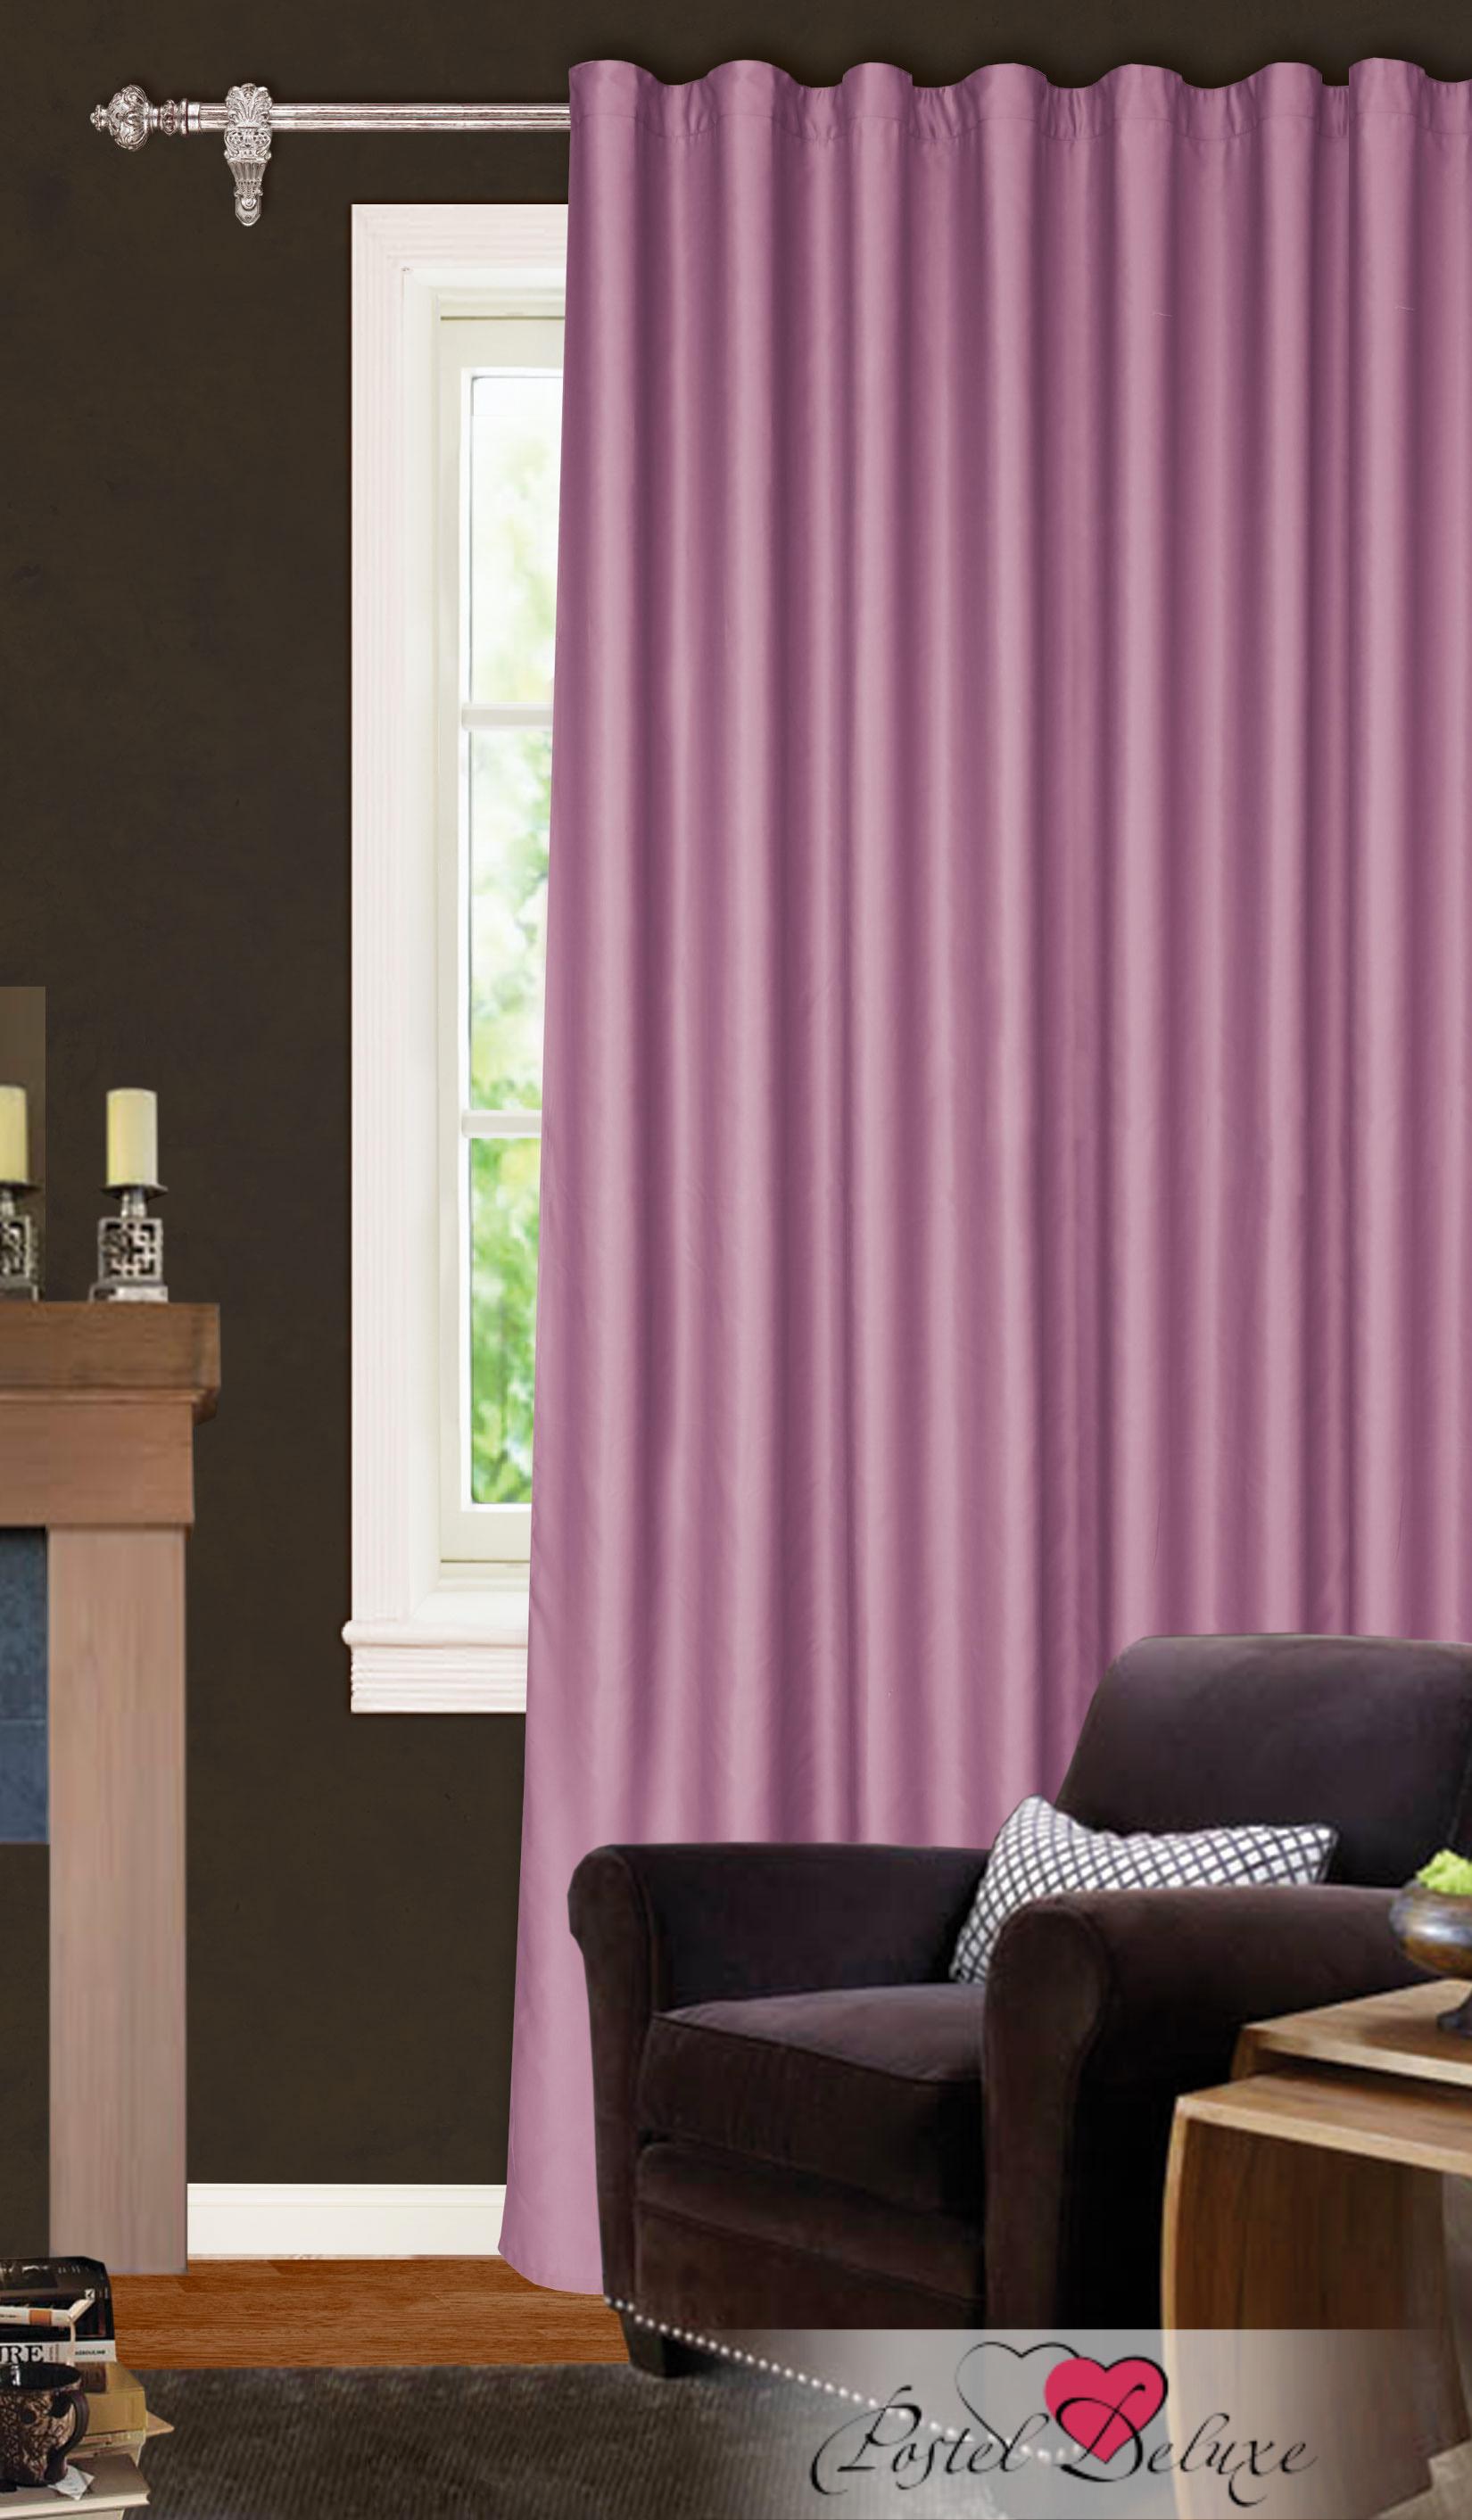 Шторы Garden Классические шторы Лилия Цвет: Сиреневый шторы tac классические шторы winx цвет персиковый 200x265 см